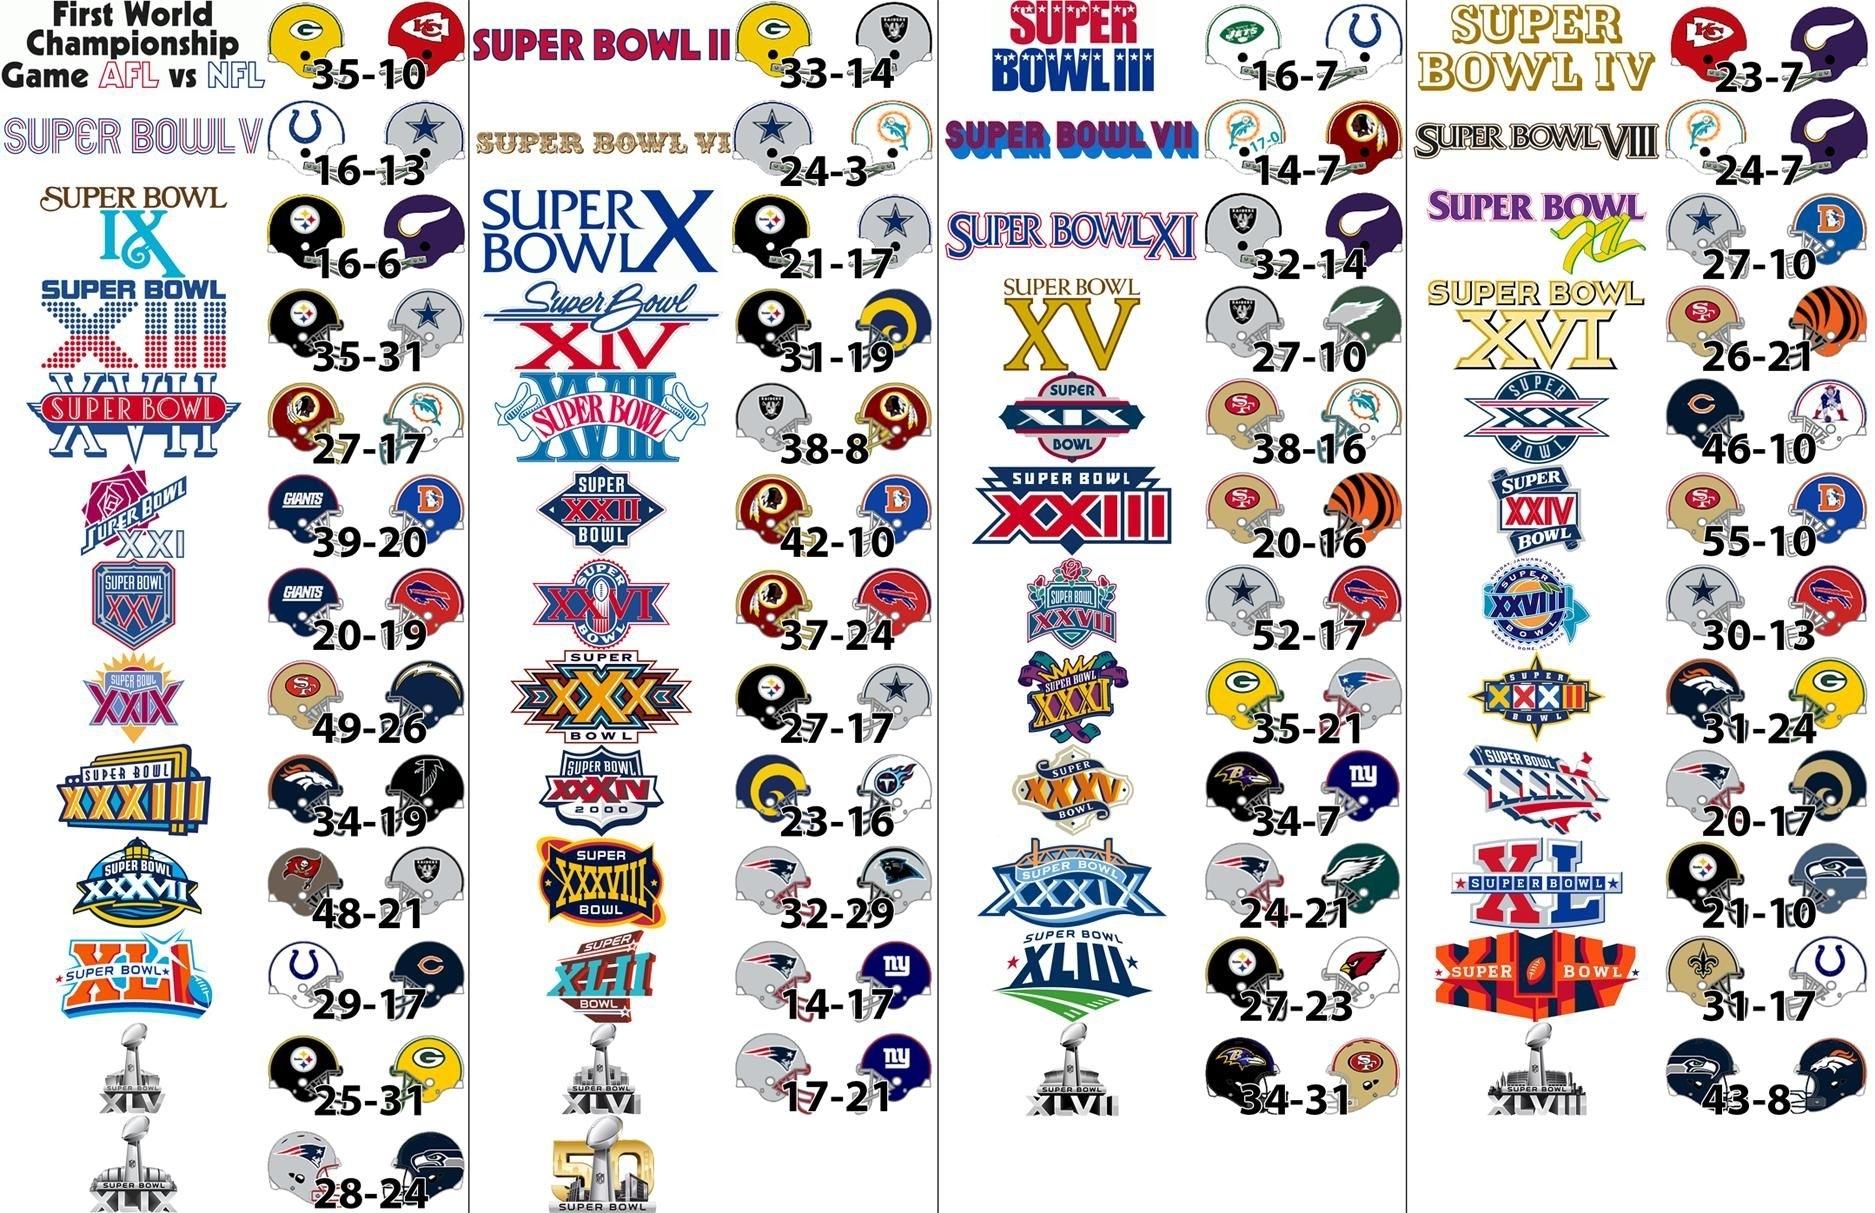 Super Bowl Past Winners List | Super Bowl Liii | Super Bowl within Super Bowl Winner List